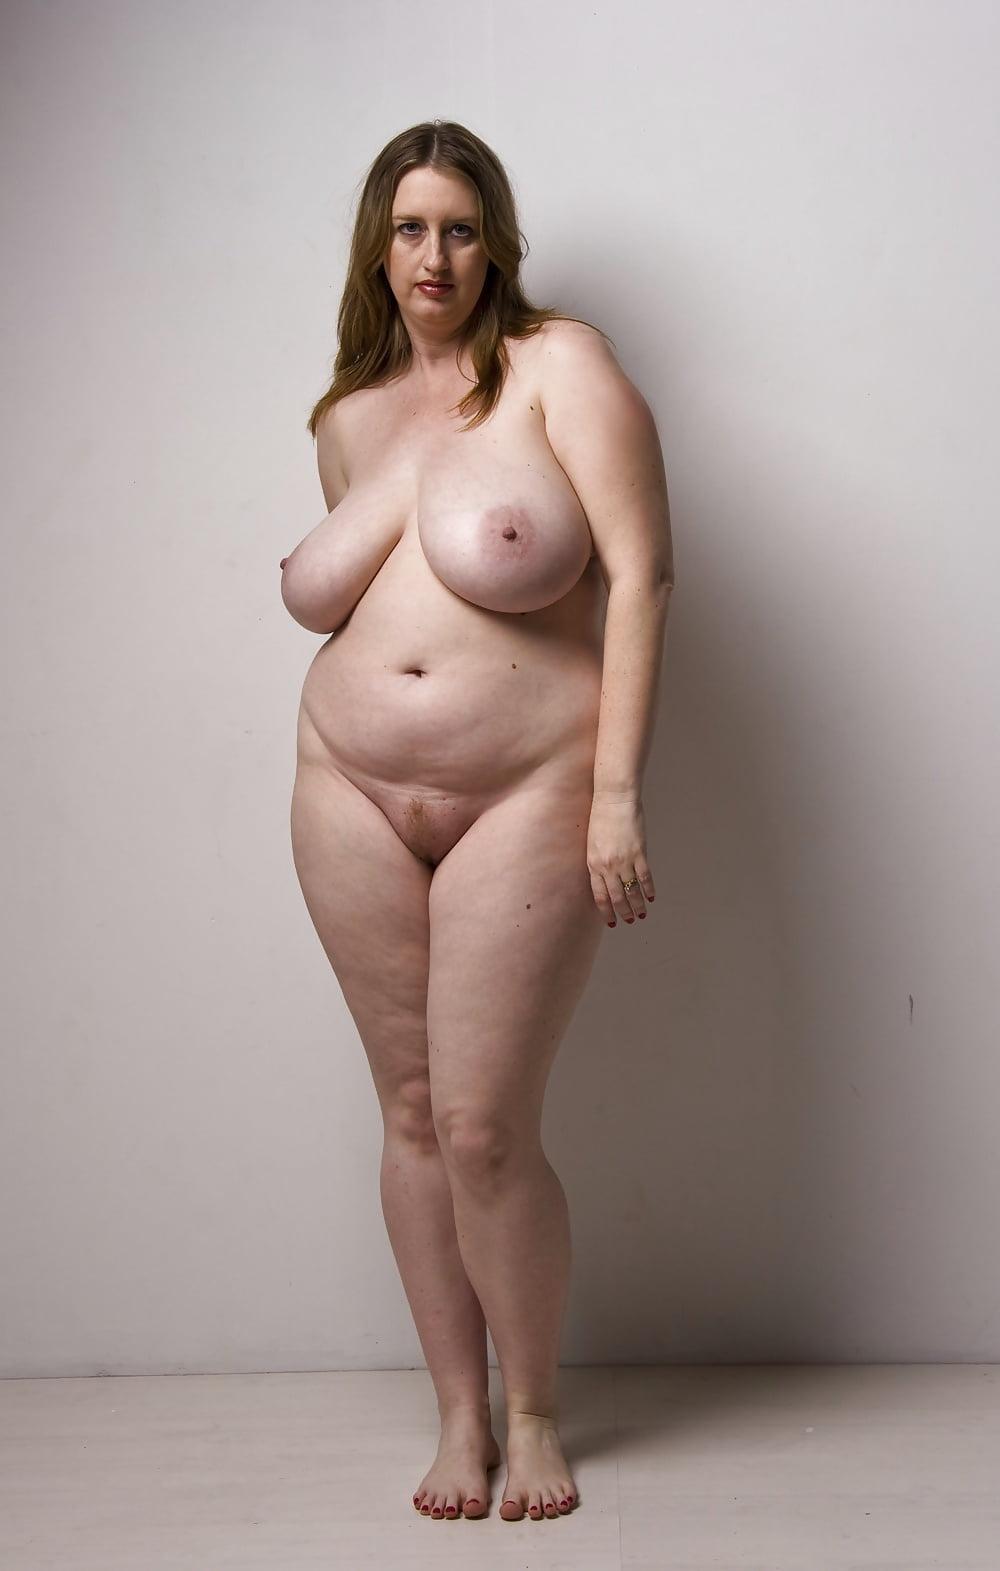 Взрослых мамочек голые фото полненькие девушки села ножку